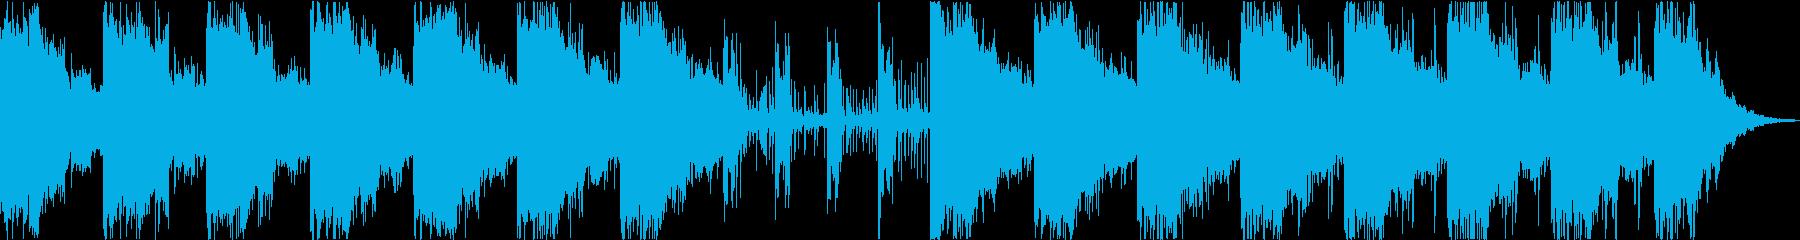 奇妙不思議なミステリアスエレクトロBGMの再生済みの波形